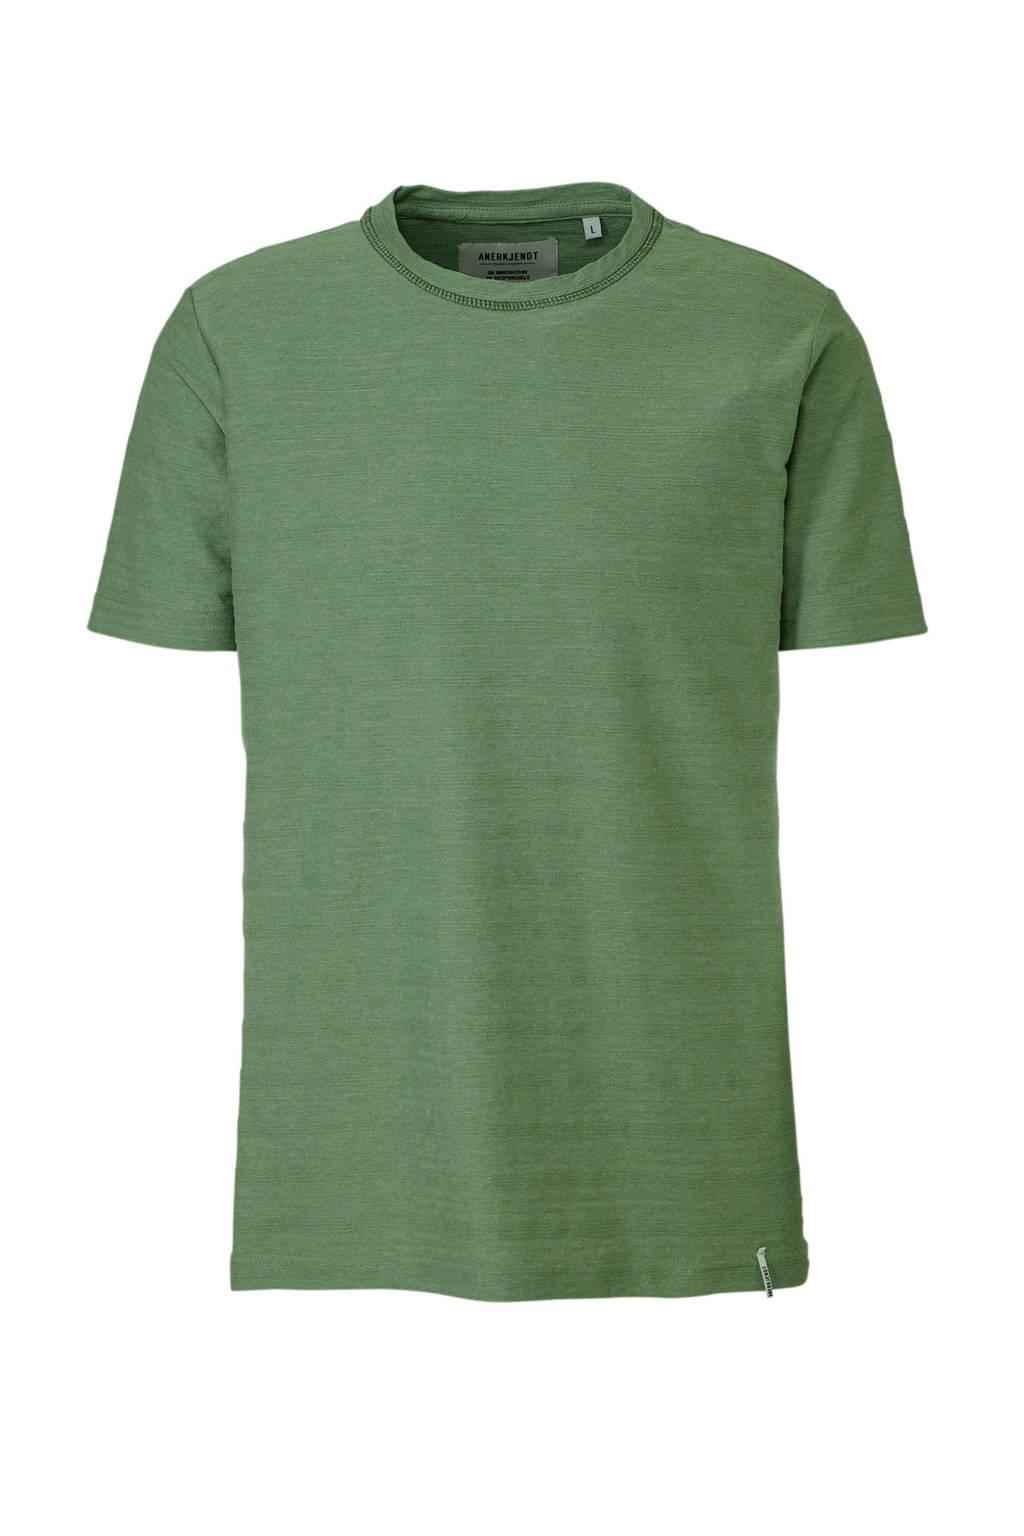 Anerkjendt T-shirt met textuur groen, Groen